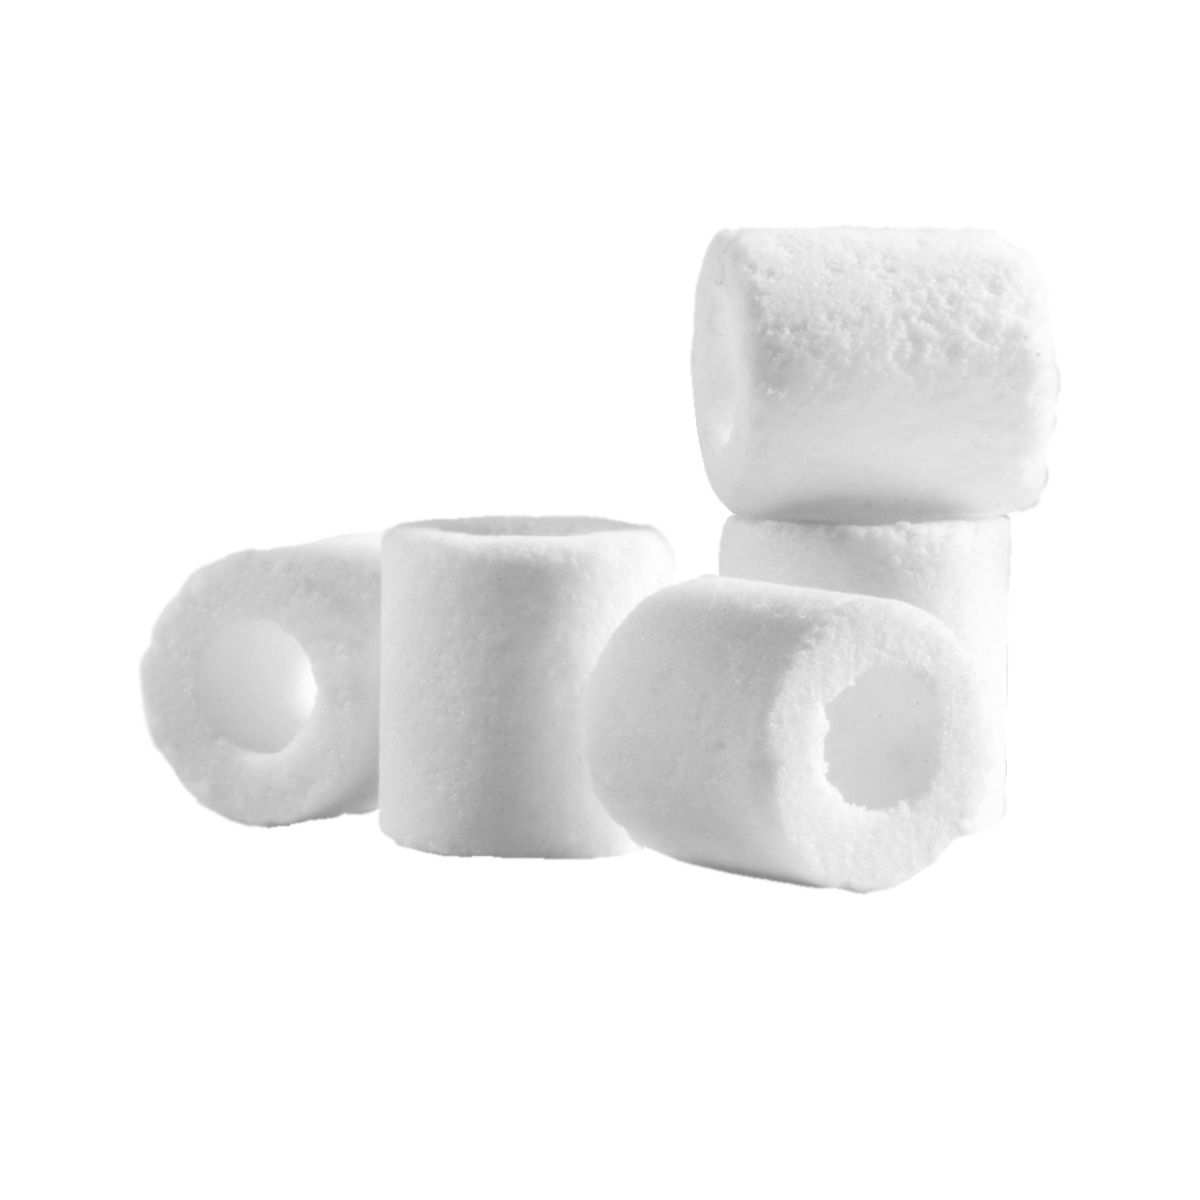 Cerâmica Cubos Circular 2,2L 1,5kg Bioglass Super Biológica